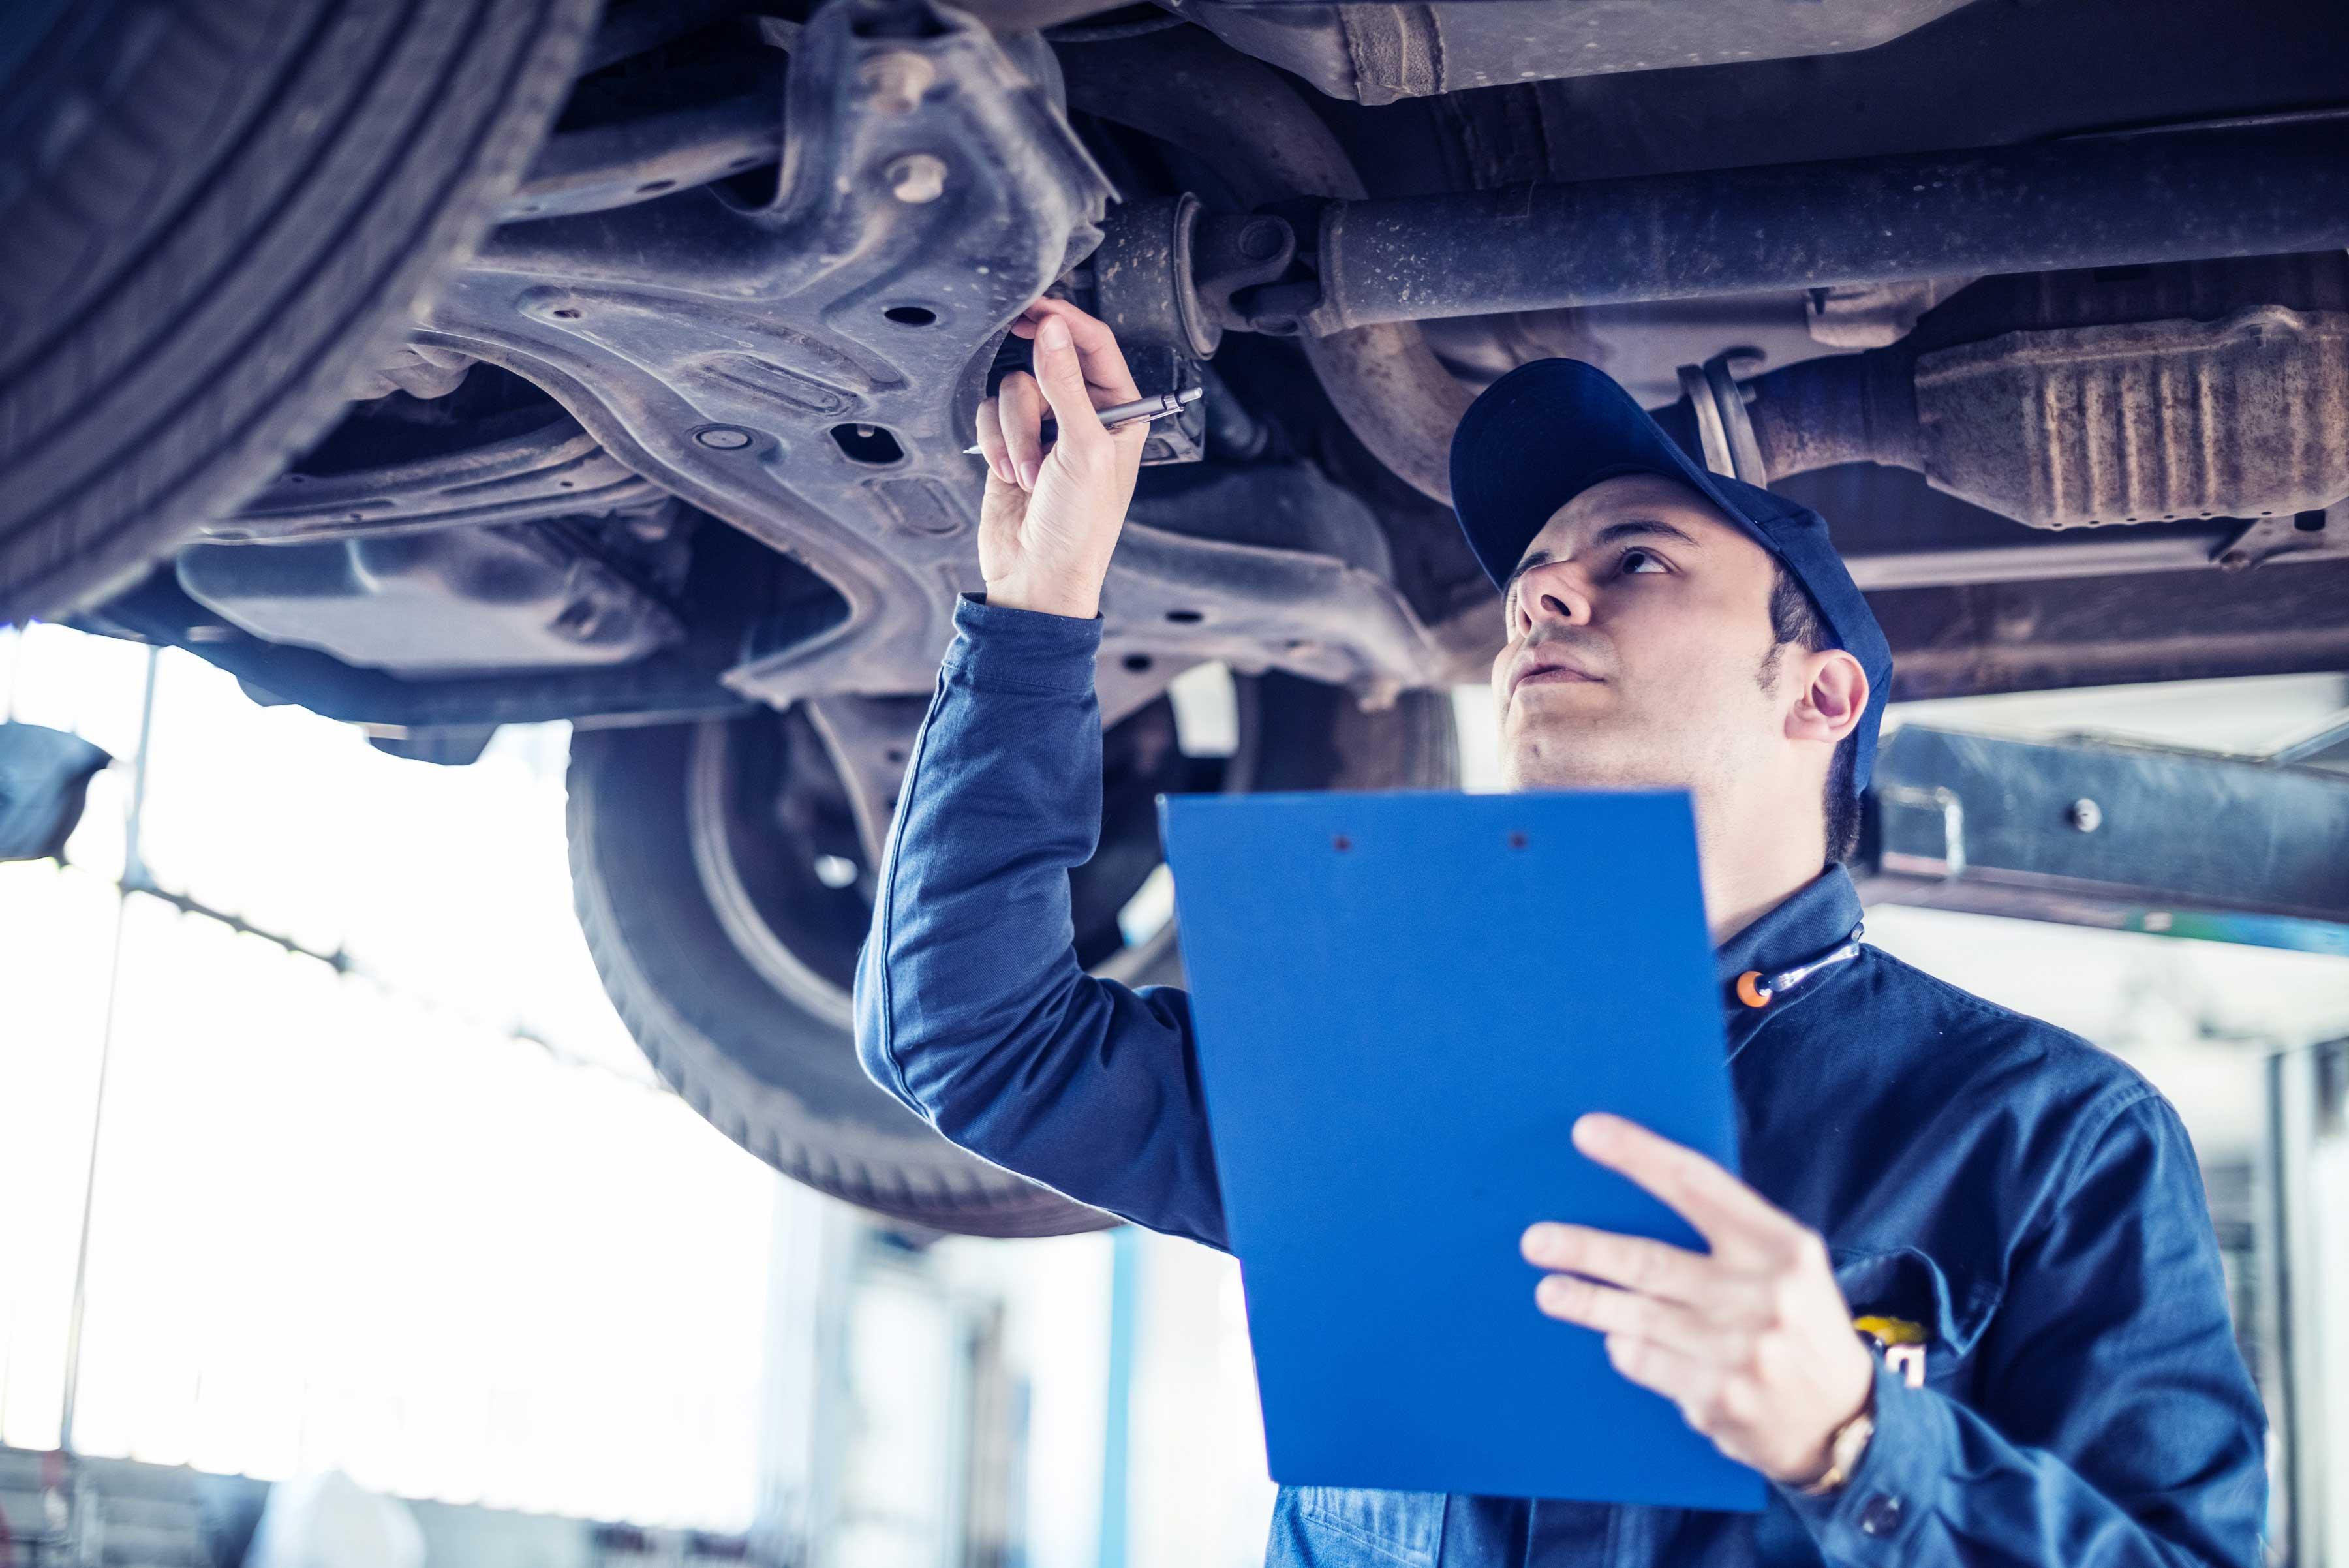 kontrola vozidla, porucha auta, mechanická kontrola, mechanik pod autom